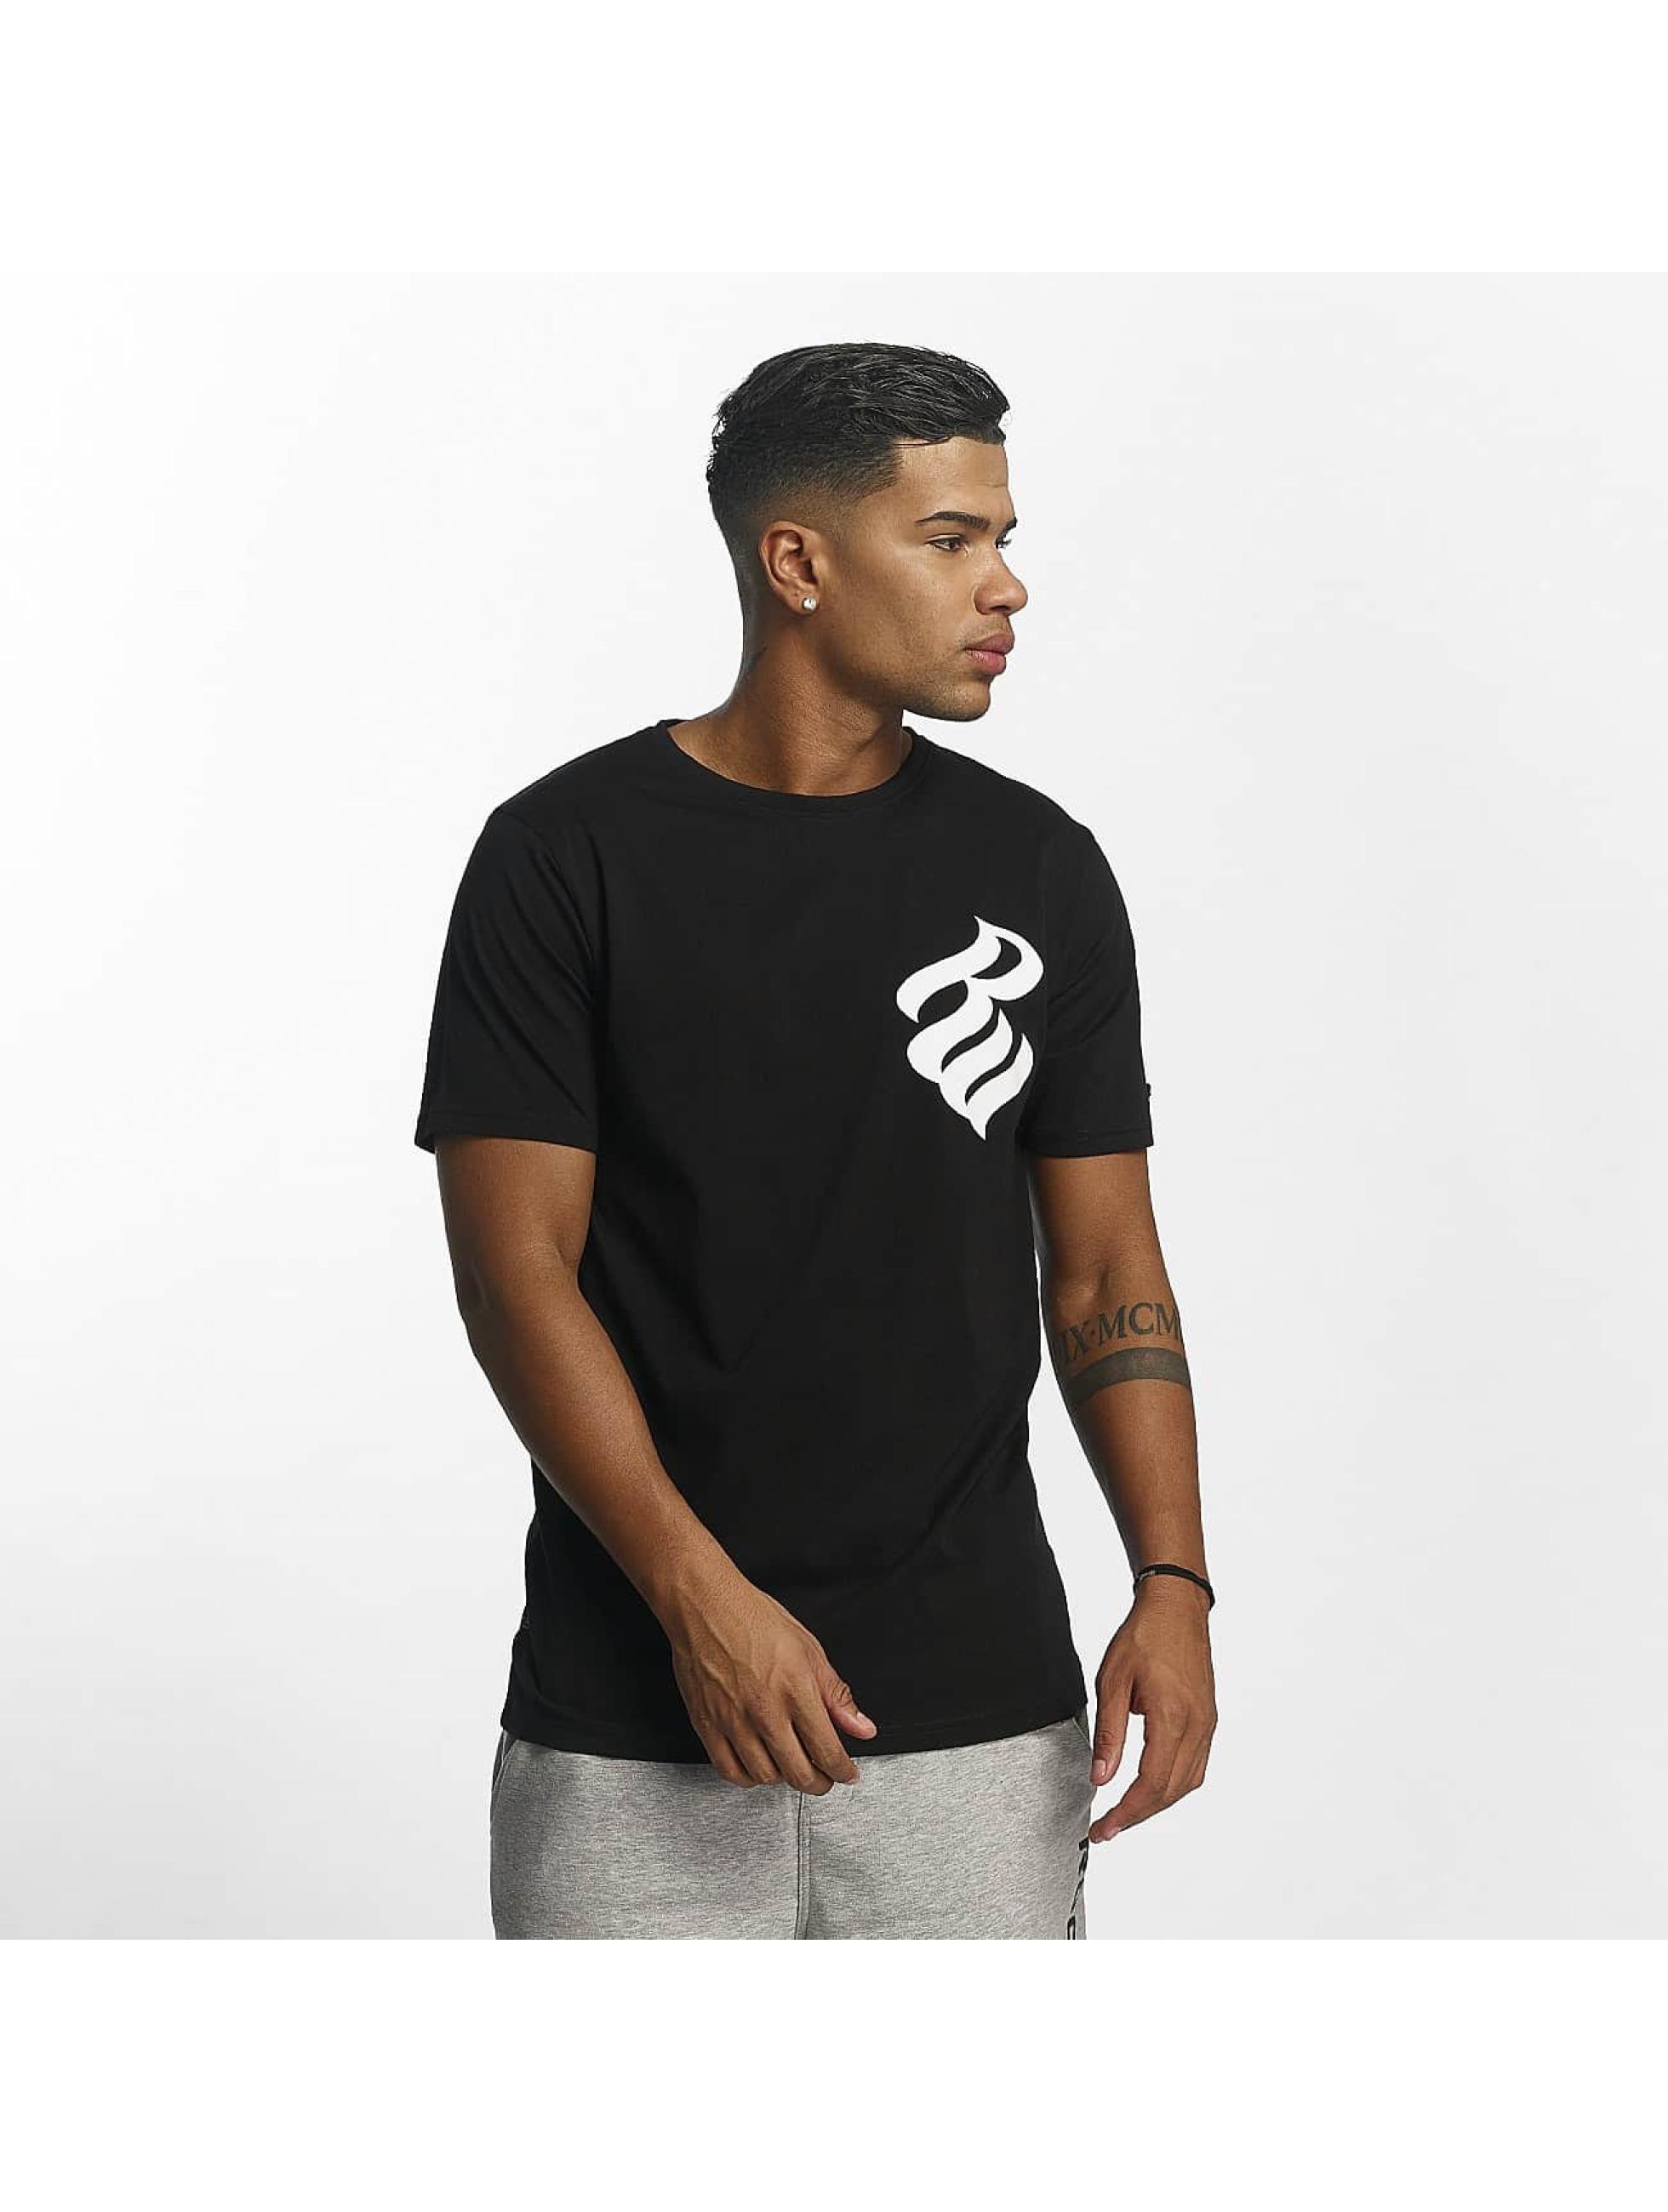 Rocawear / T-Shirt 90th in black 2XL